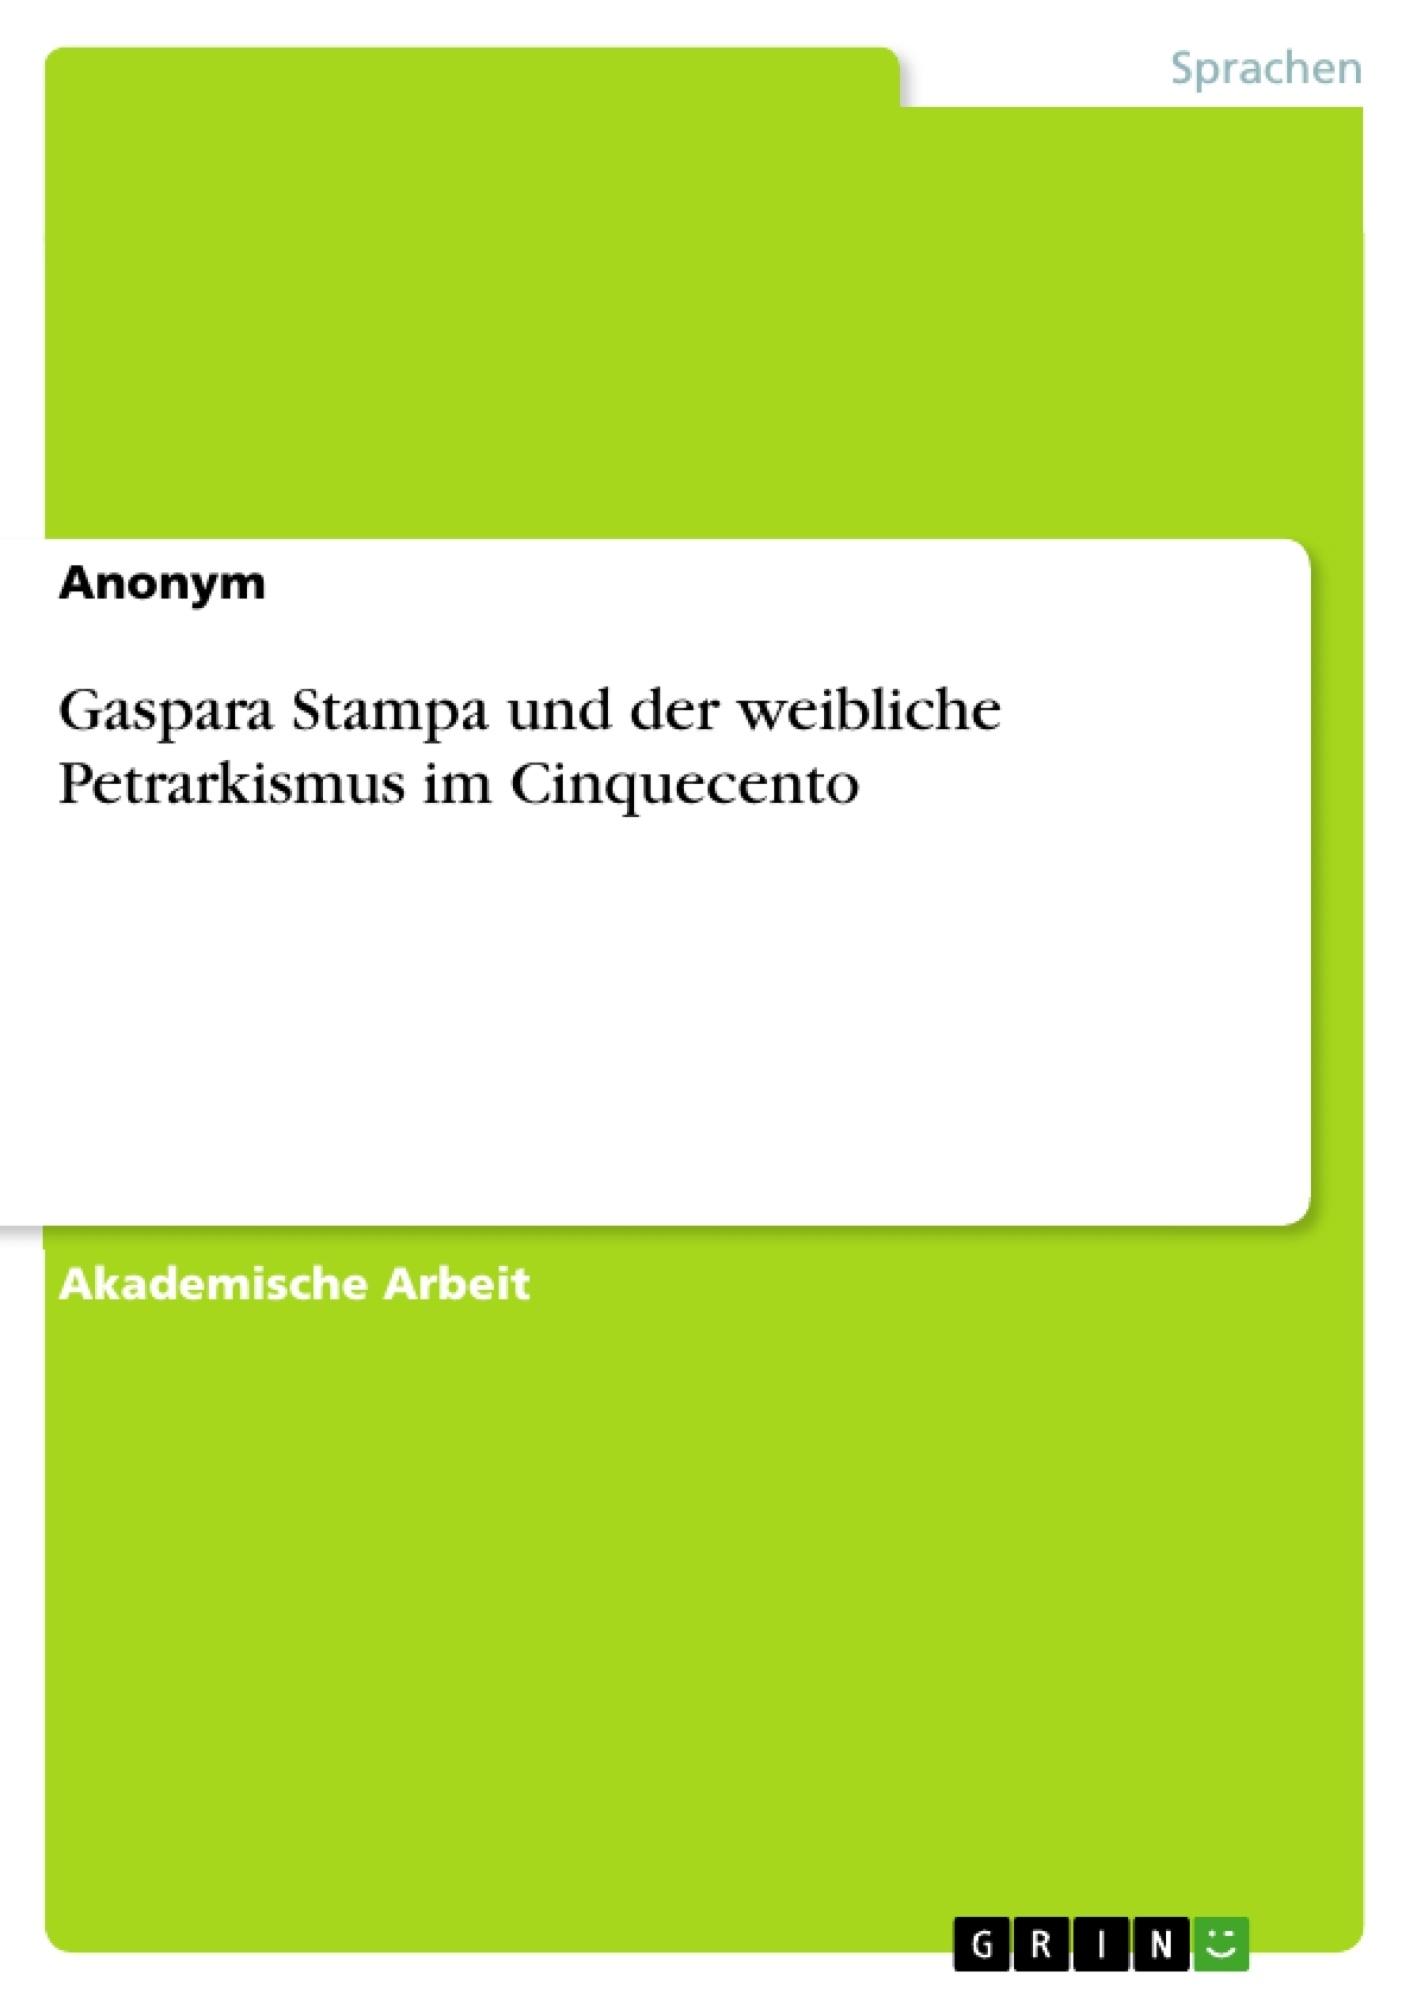 Titel: Gaspara Stampa und der weibliche Petrarkismus im Cinquecento